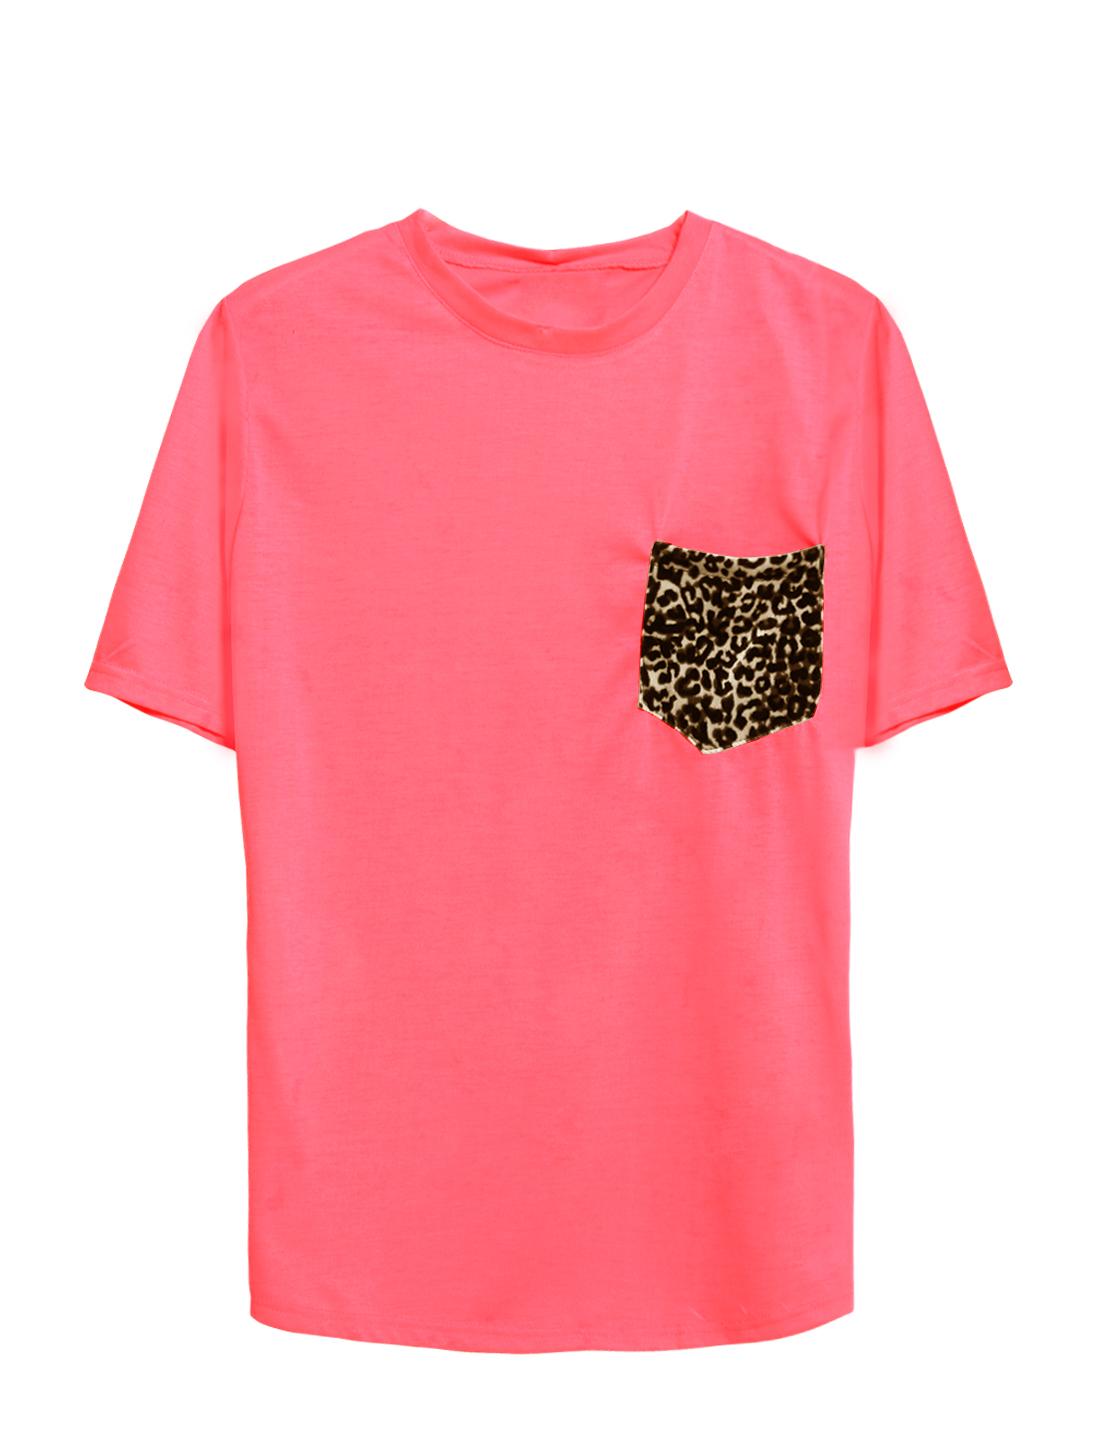 Women Round Neck Short Sleeves Leopard Pattern Chest Pocket Leisure Tee Pink XS